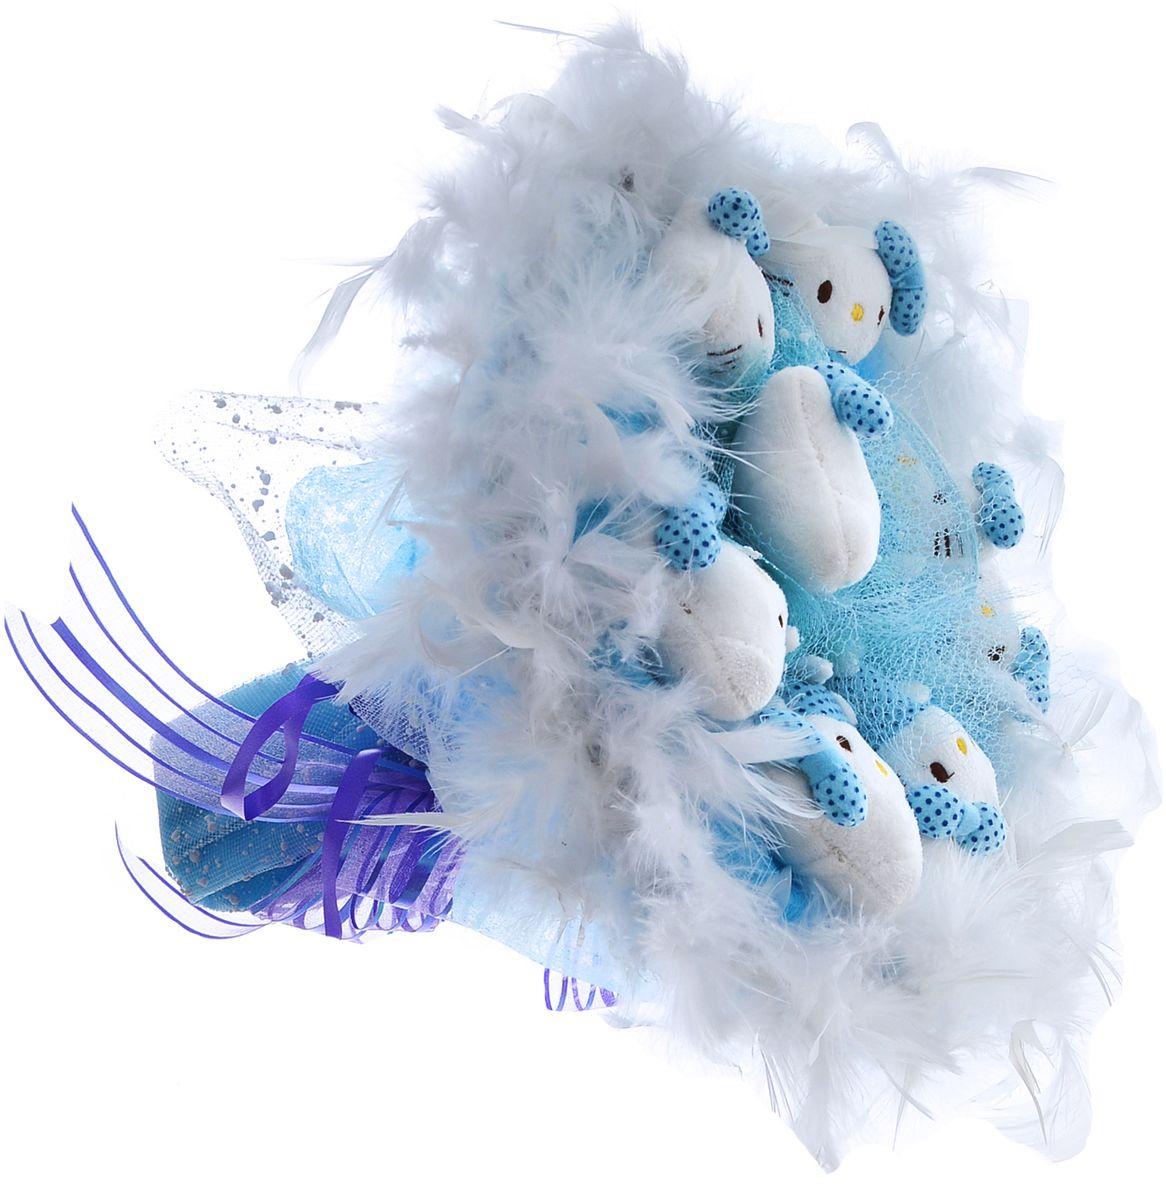 Букет из игрушек Toy Bouquet Котята, цвет: голубой, 9 игрушек19201Букет из 9 мягких милых Кити, упакован в мягкую струящуюся органзу голубого цвета с добавлением флористической сетки, декорирован великолепным пышным боа по краю букета и перевязан широкой атласной лентой с добавлением серебристой парчовой тесьмы Мягкие игрушки, оформленные в букет – приятный подарок для любимой, для мамы, подруги или для ребенка. Оригинальные букеты торговой марки TOY BOUQUET из мягких игрушек прекрасно подойдут для многих праздников: День Святого Валентина, 8 марта, день рождения, выпускной, а также на другие памятные даты или годовщины.